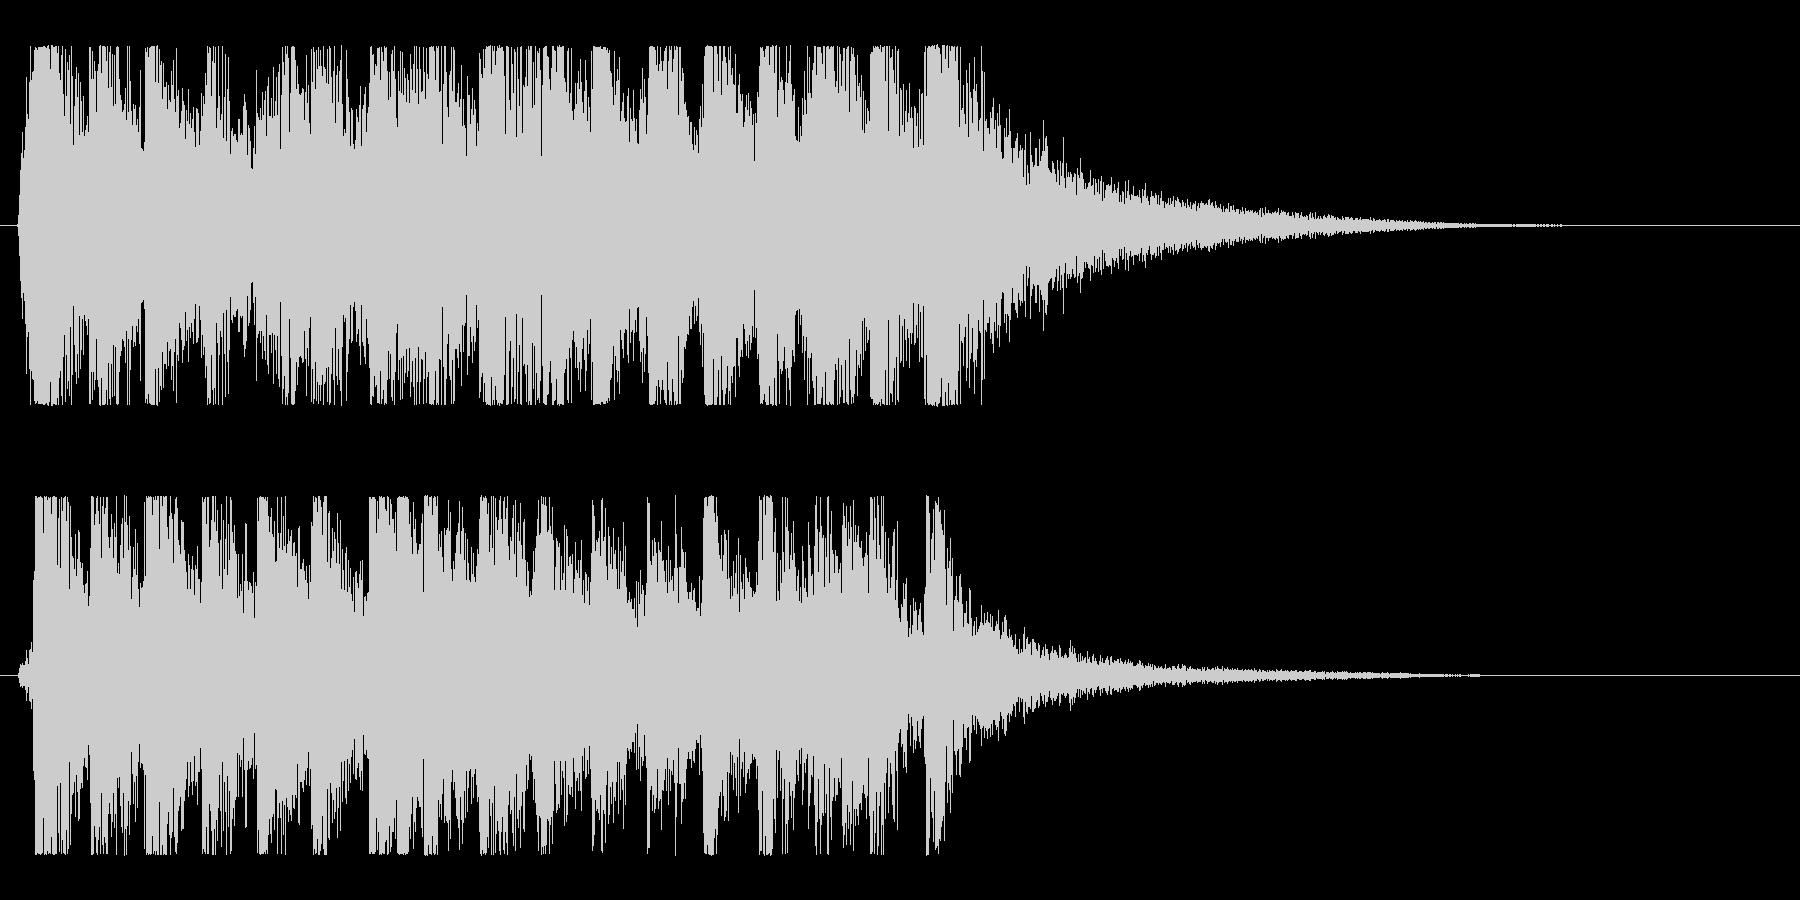 ダイナミック躍動感のアップビート和風ロゴの未再生の波形